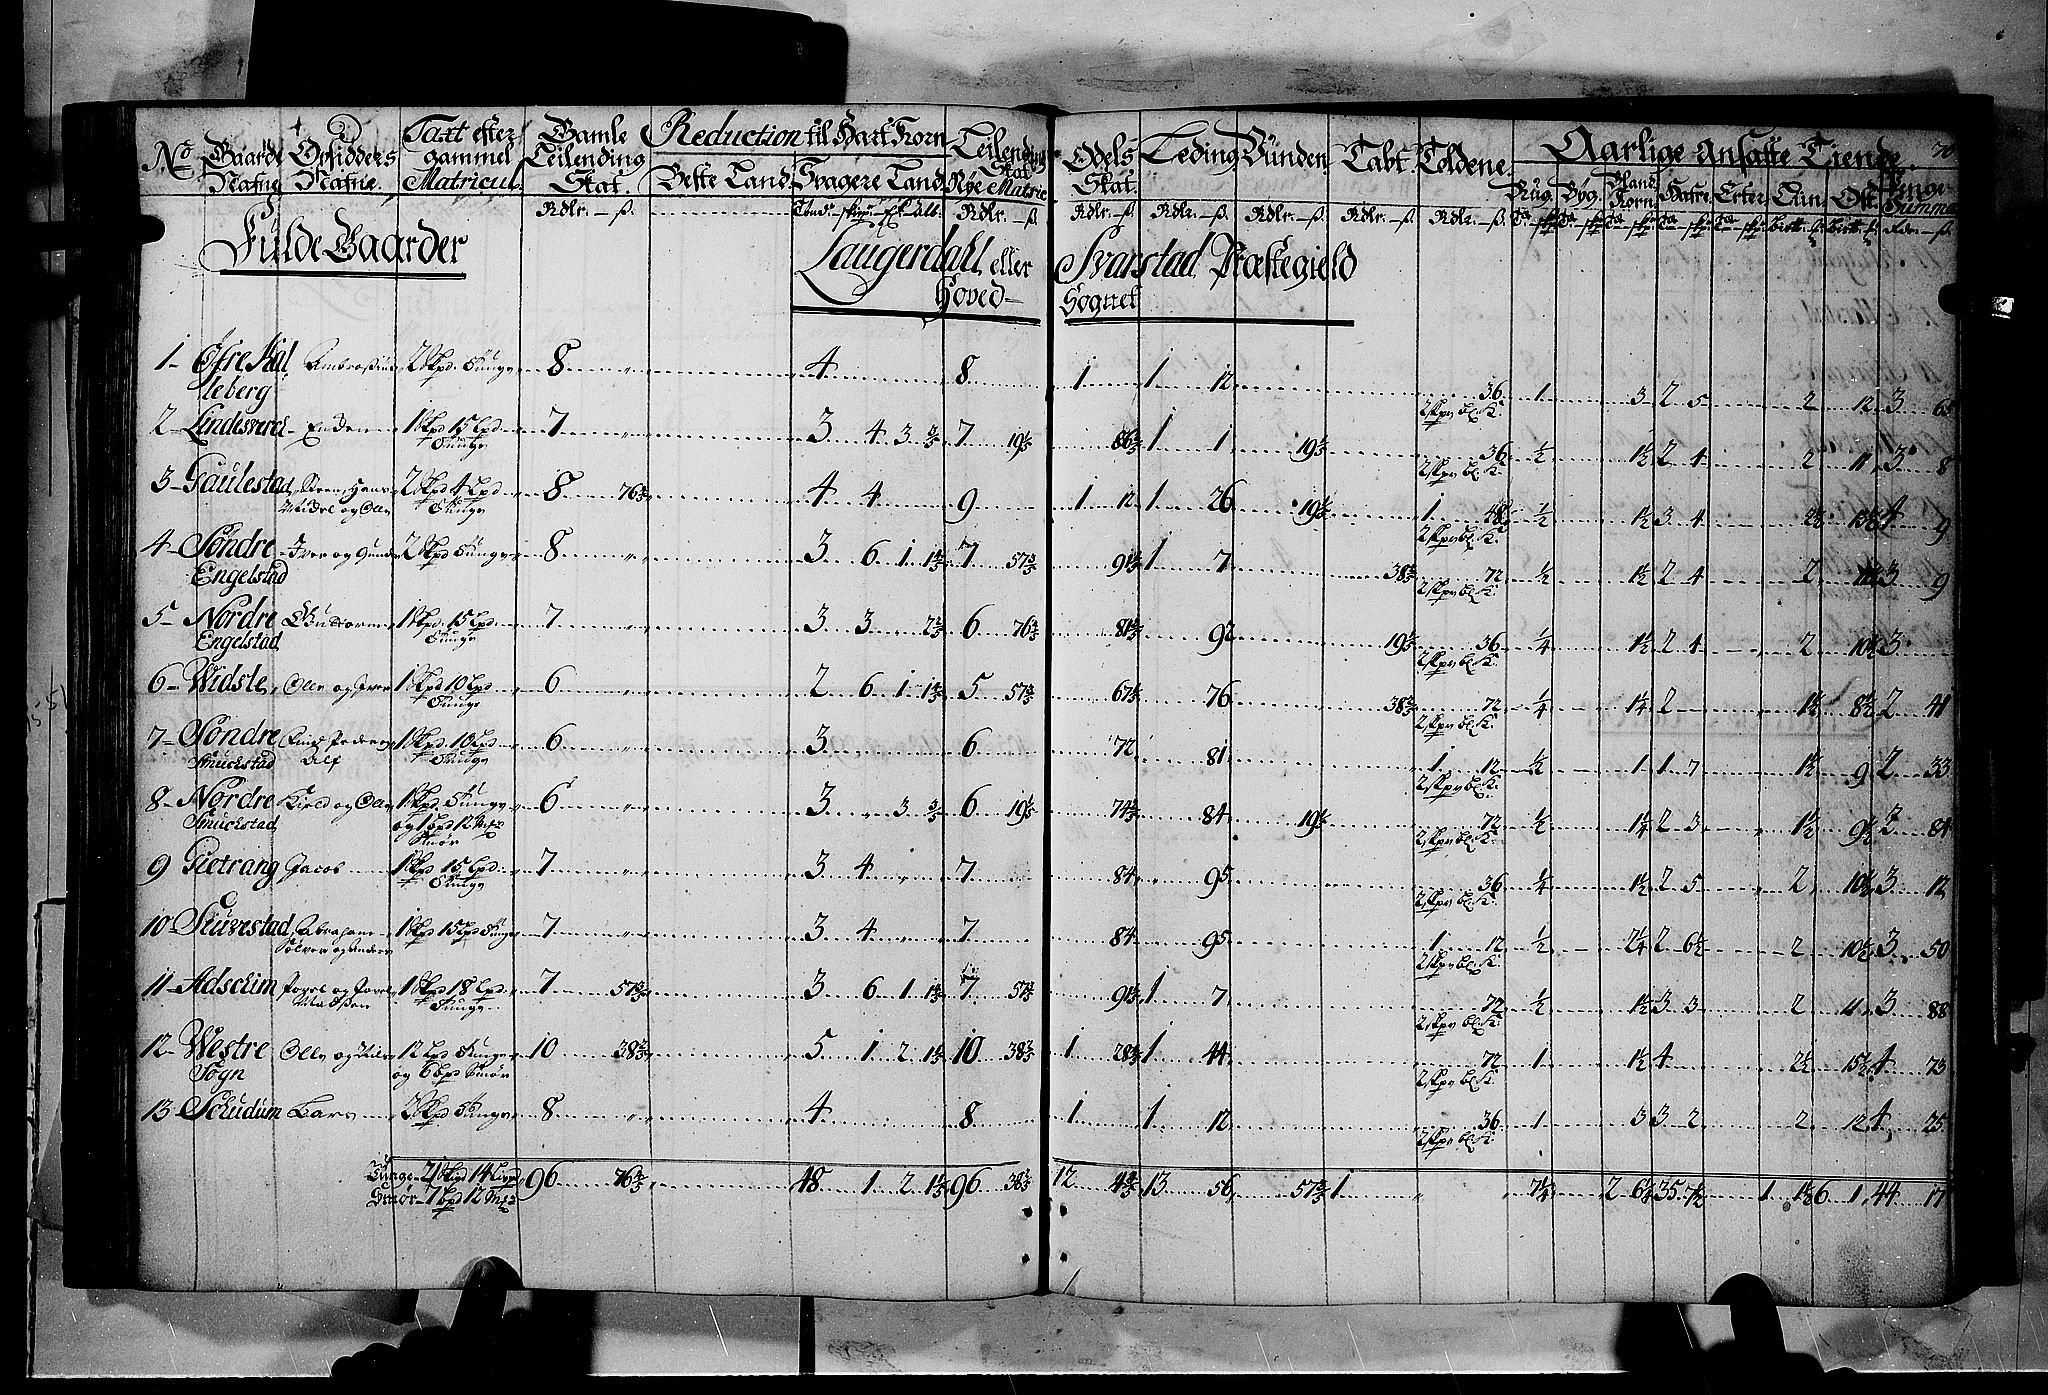 RA, Rentekammeret inntil 1814, Realistisk ordnet avdeling, N/Nb/Nbf/L0116: Jarlsberg grevskap matrikkelprotokoll, 1723, s. 75b-76a